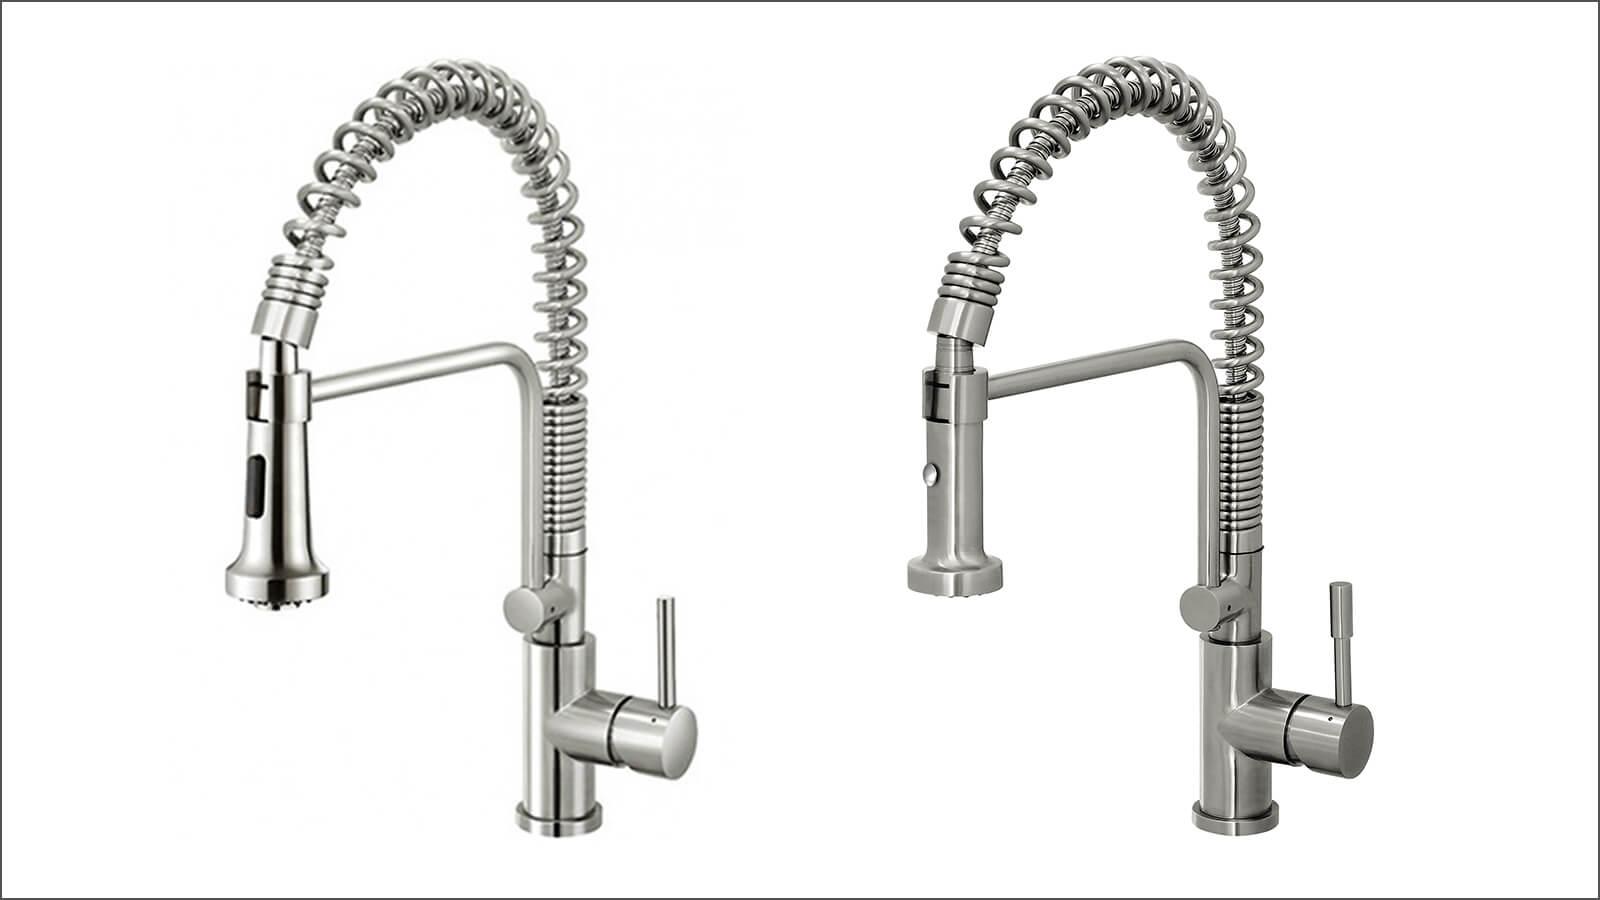 franke kitchen tap mixer vs swedia mixer taps